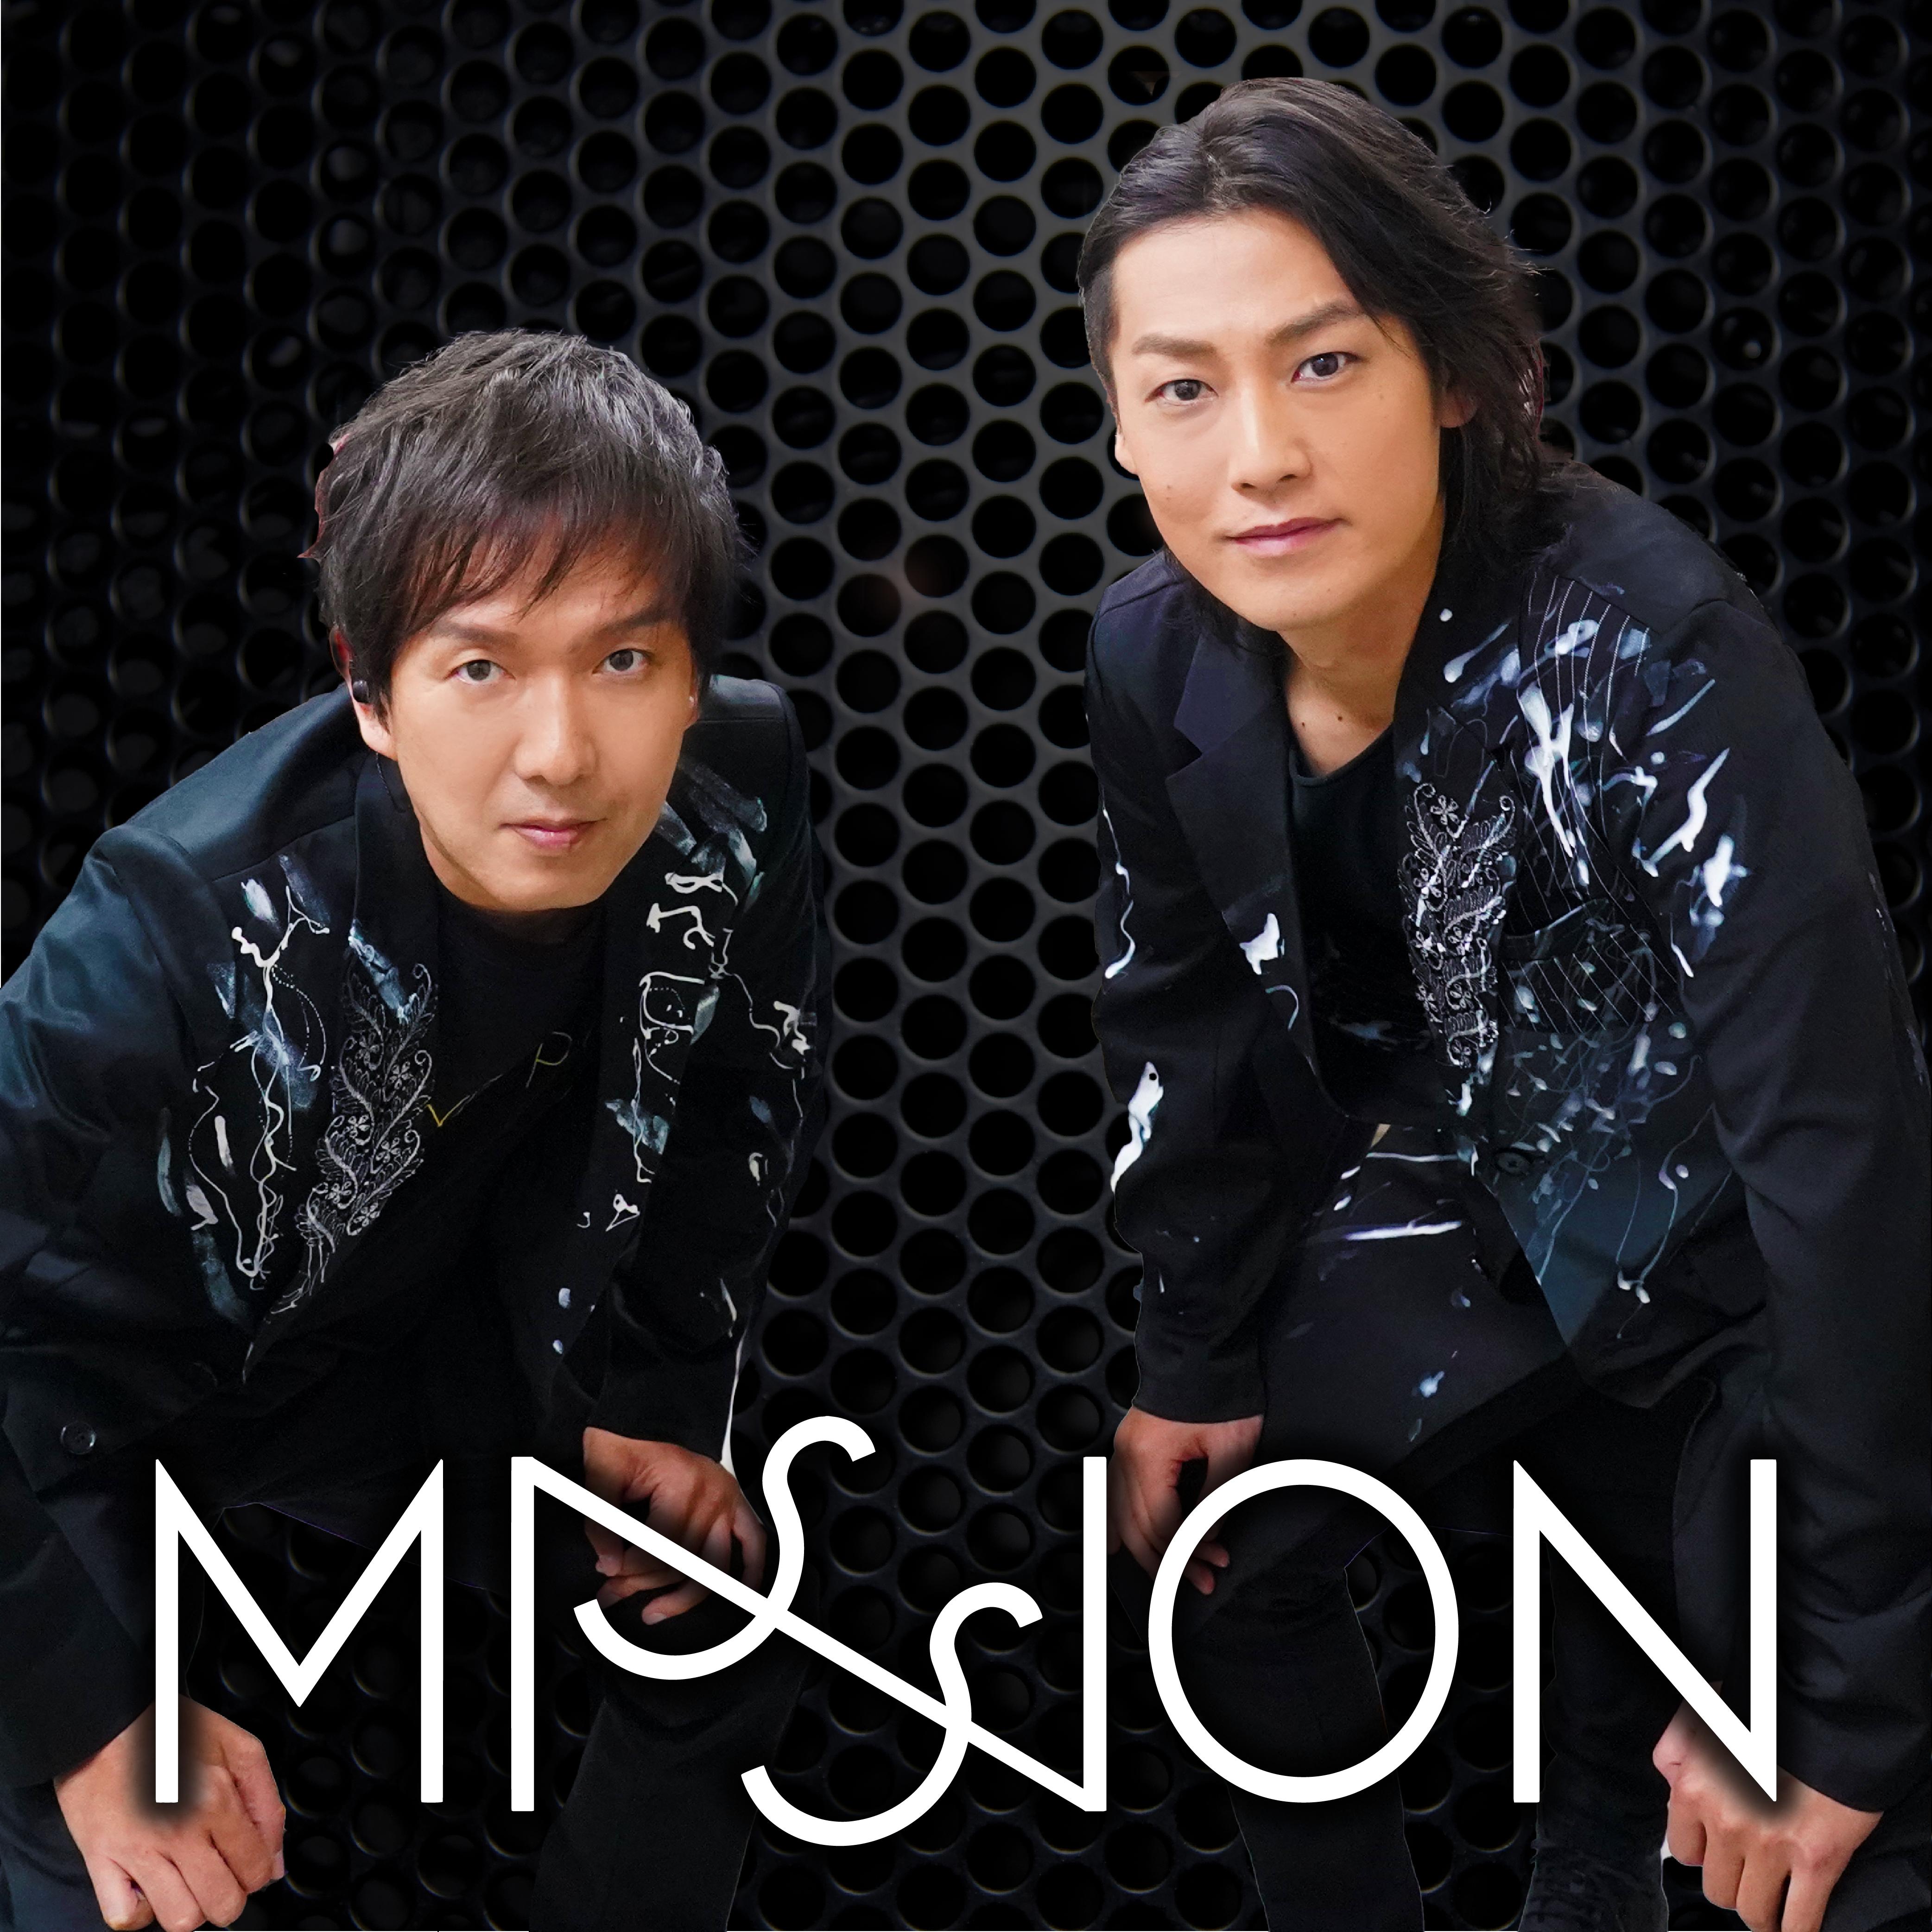 #036 福士誠治・濱田貴司「MISSION」ゲストの坂本タクヤさんにとって、歌とは